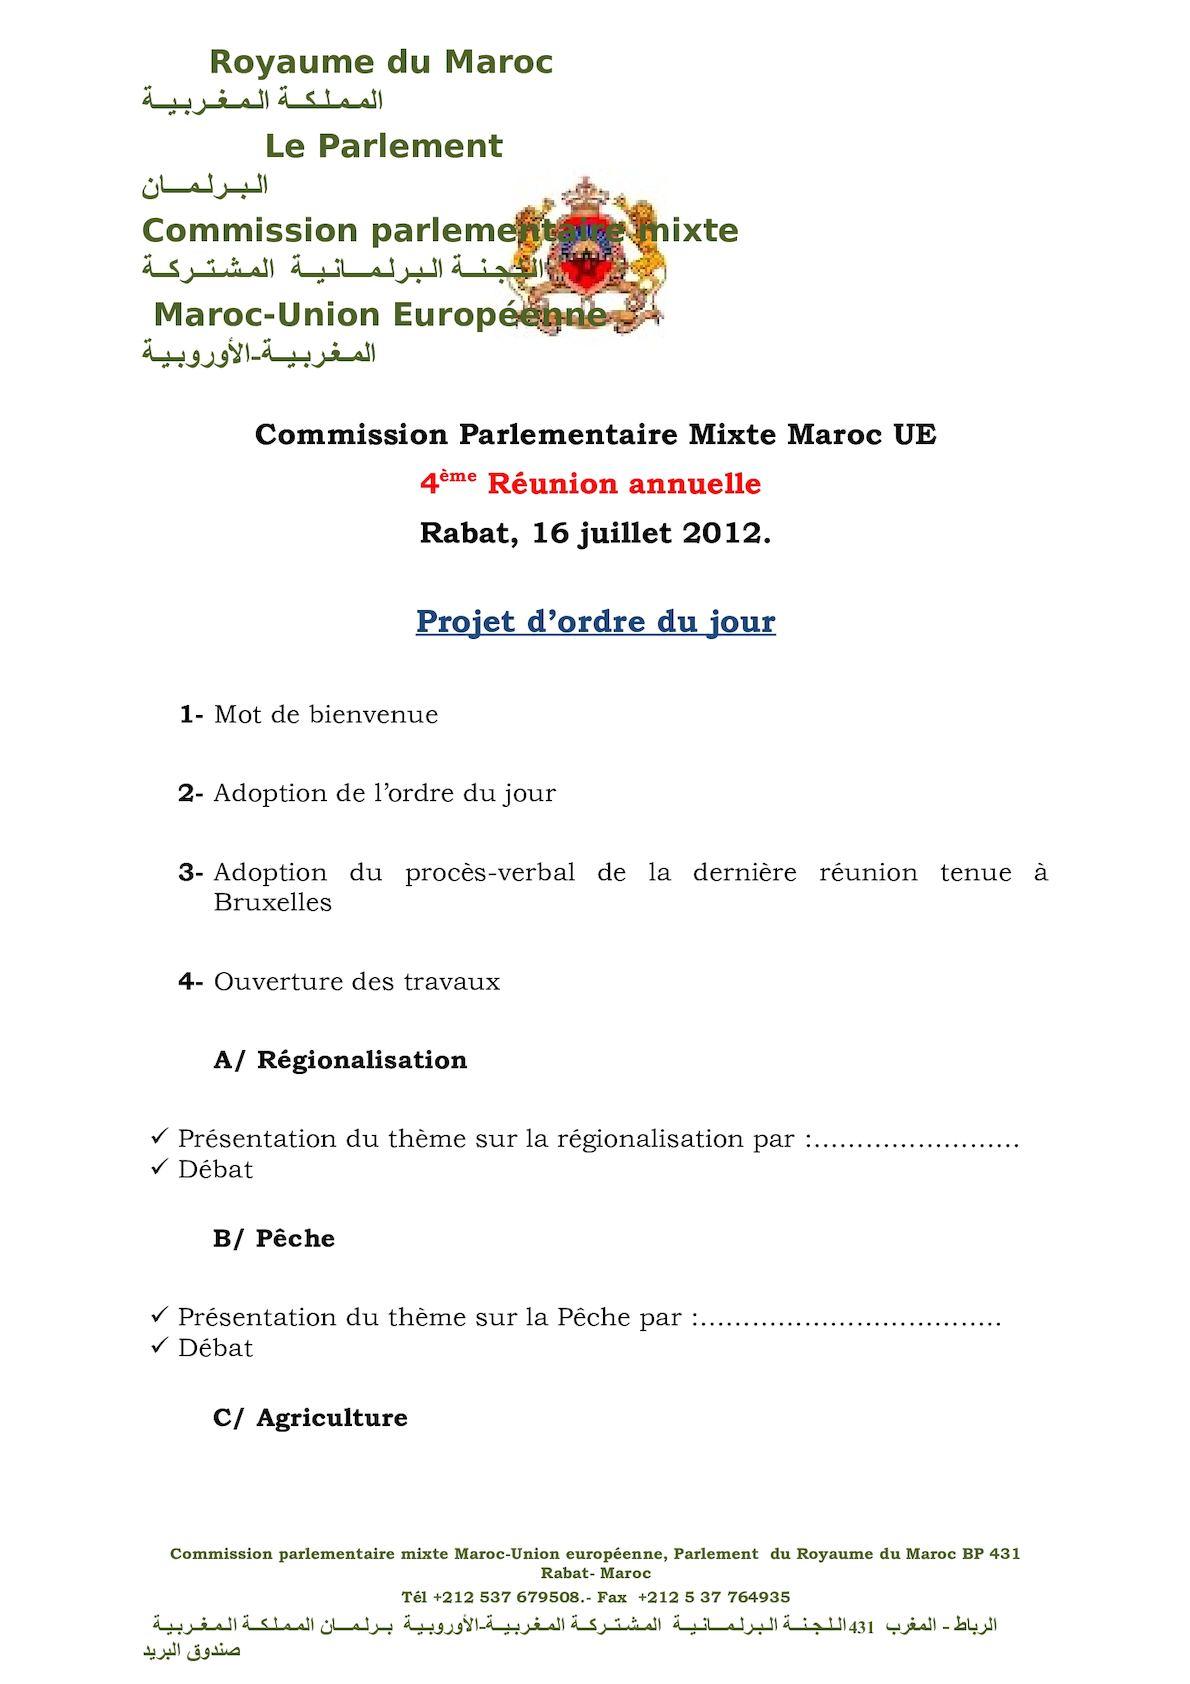 4ème Réunion Annuelle CPM  16 Juillet 2012